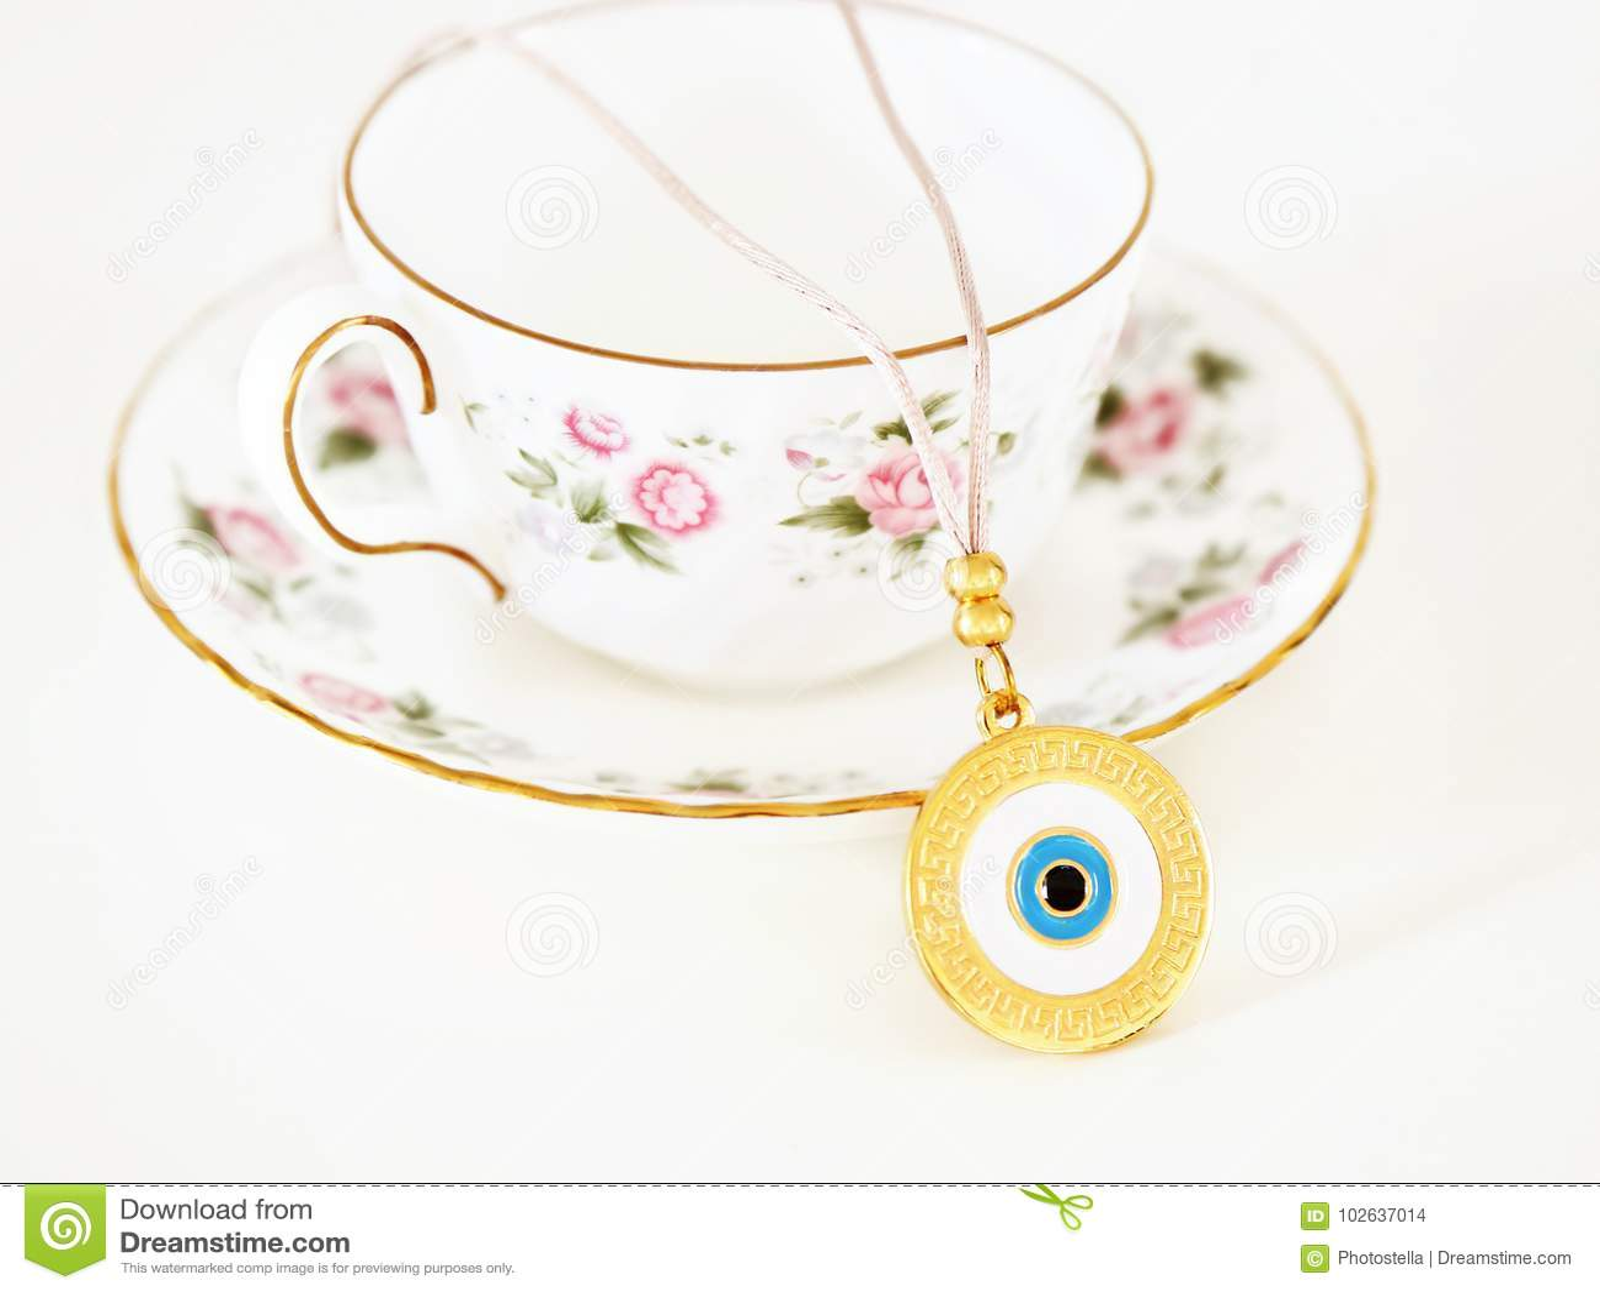 Παραδοσιακό περιδέραιο με το κακό μάτι και τα ελληνικά meandros - διαφήμιση κοσμήματος  μόδας 2cf6112ed8d